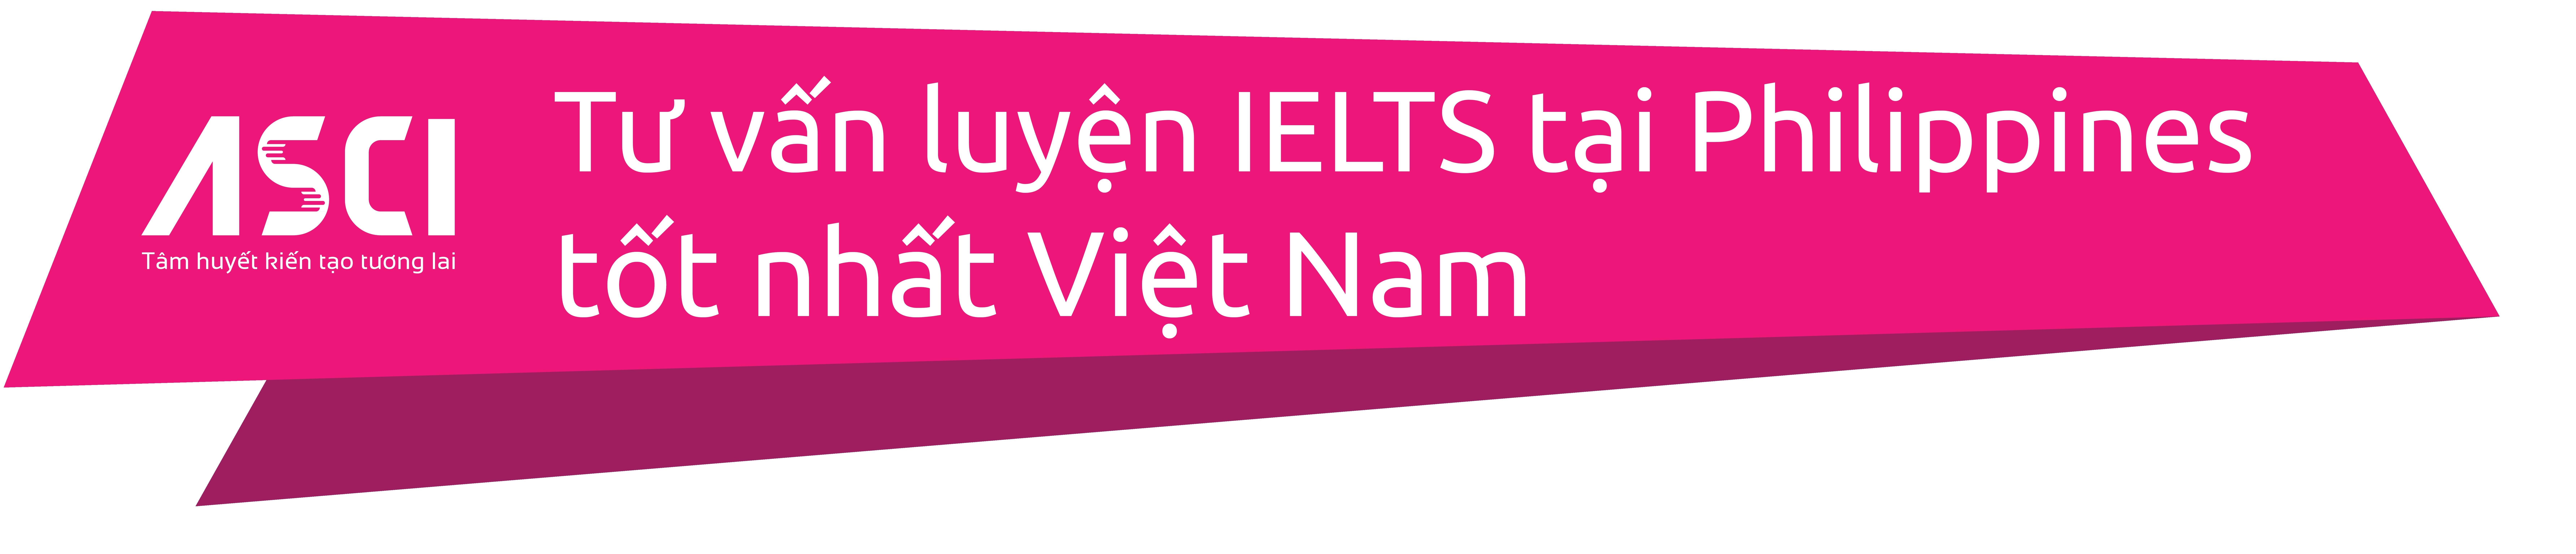 tu-van-luyen-ielts-tot-nhat-viet-nam-png